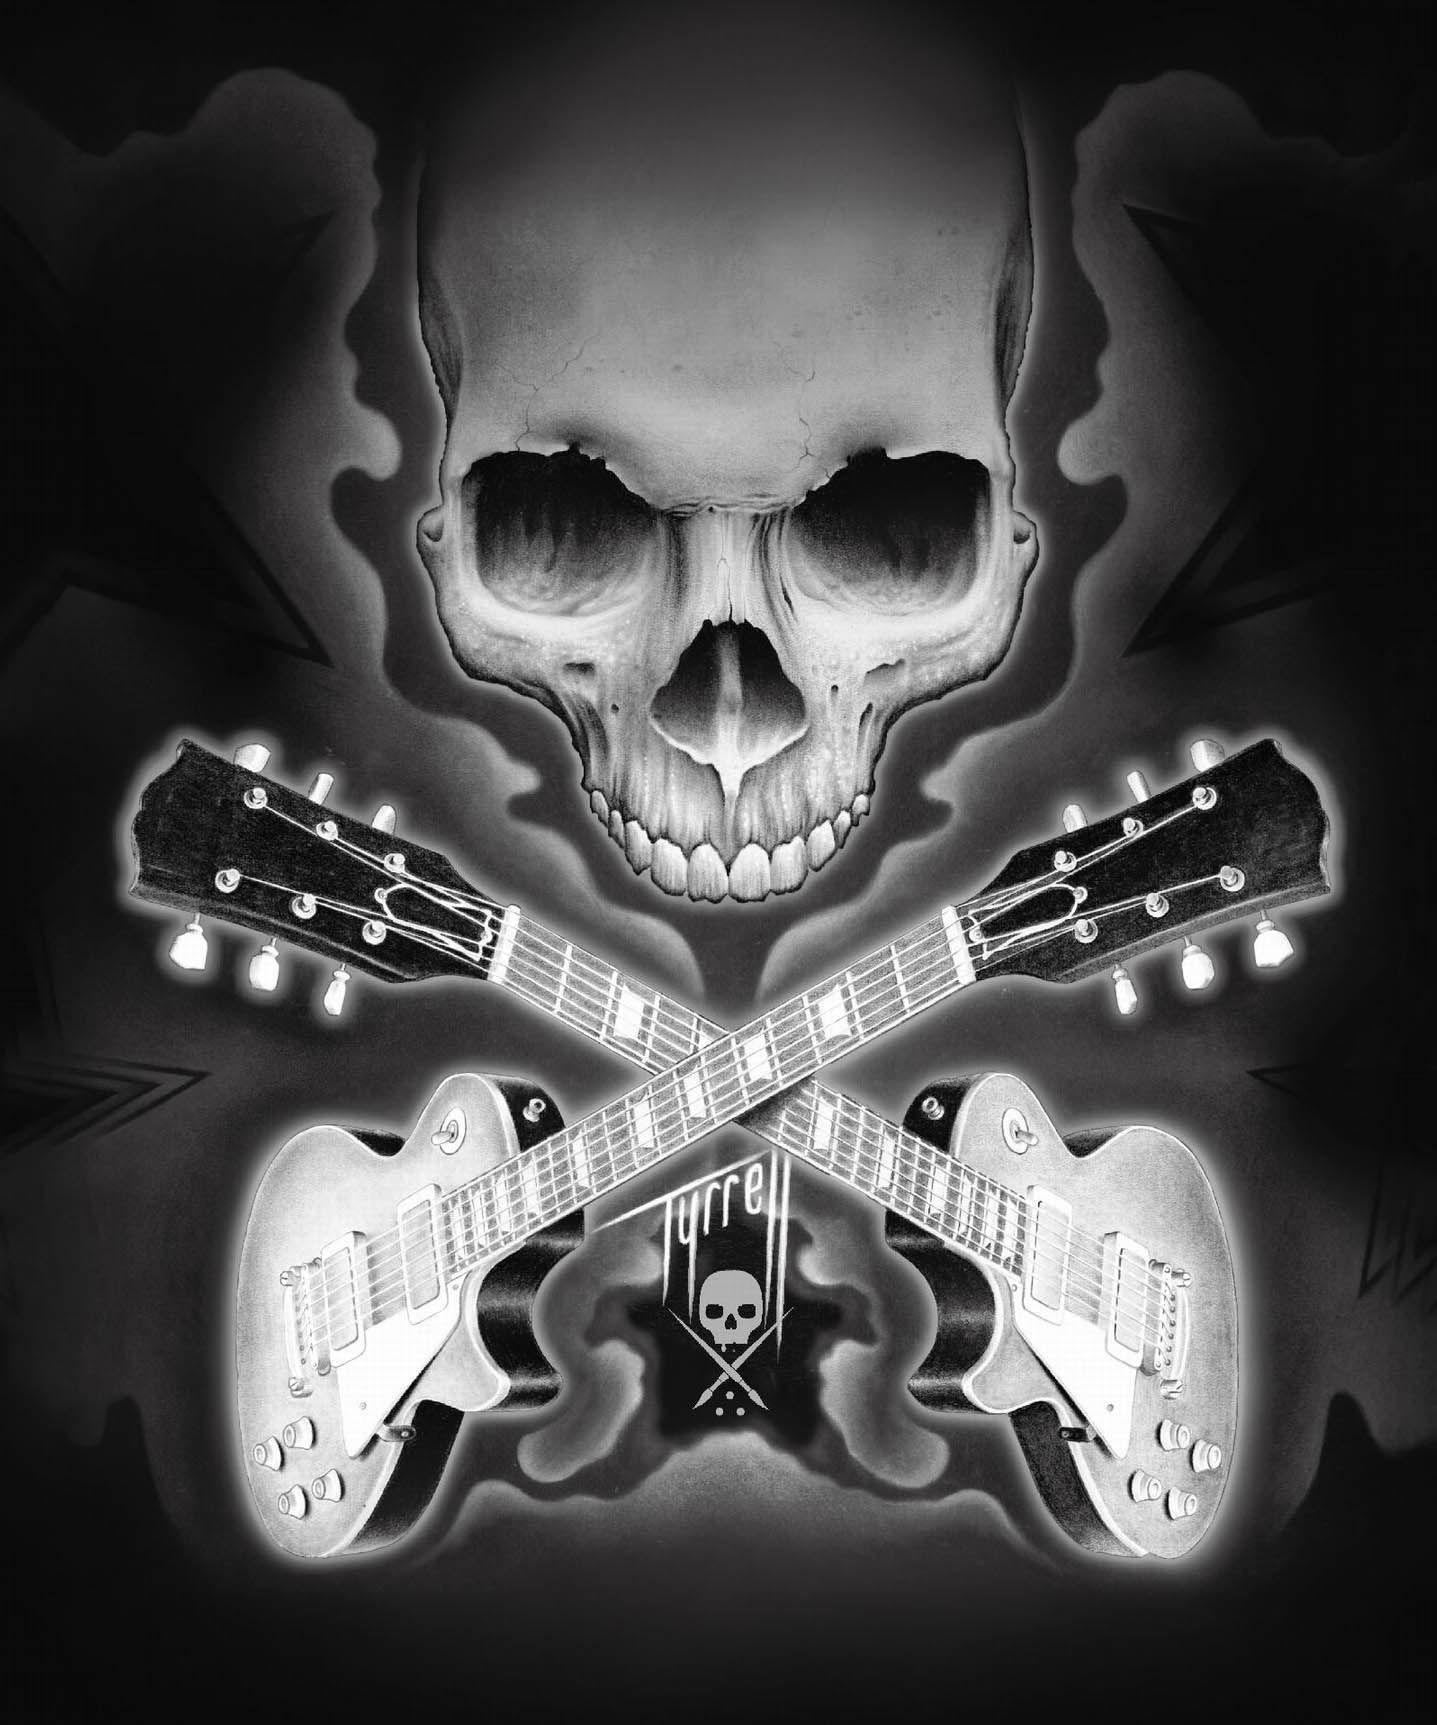 вид фото рок с гитарой скелет керамическая плитка